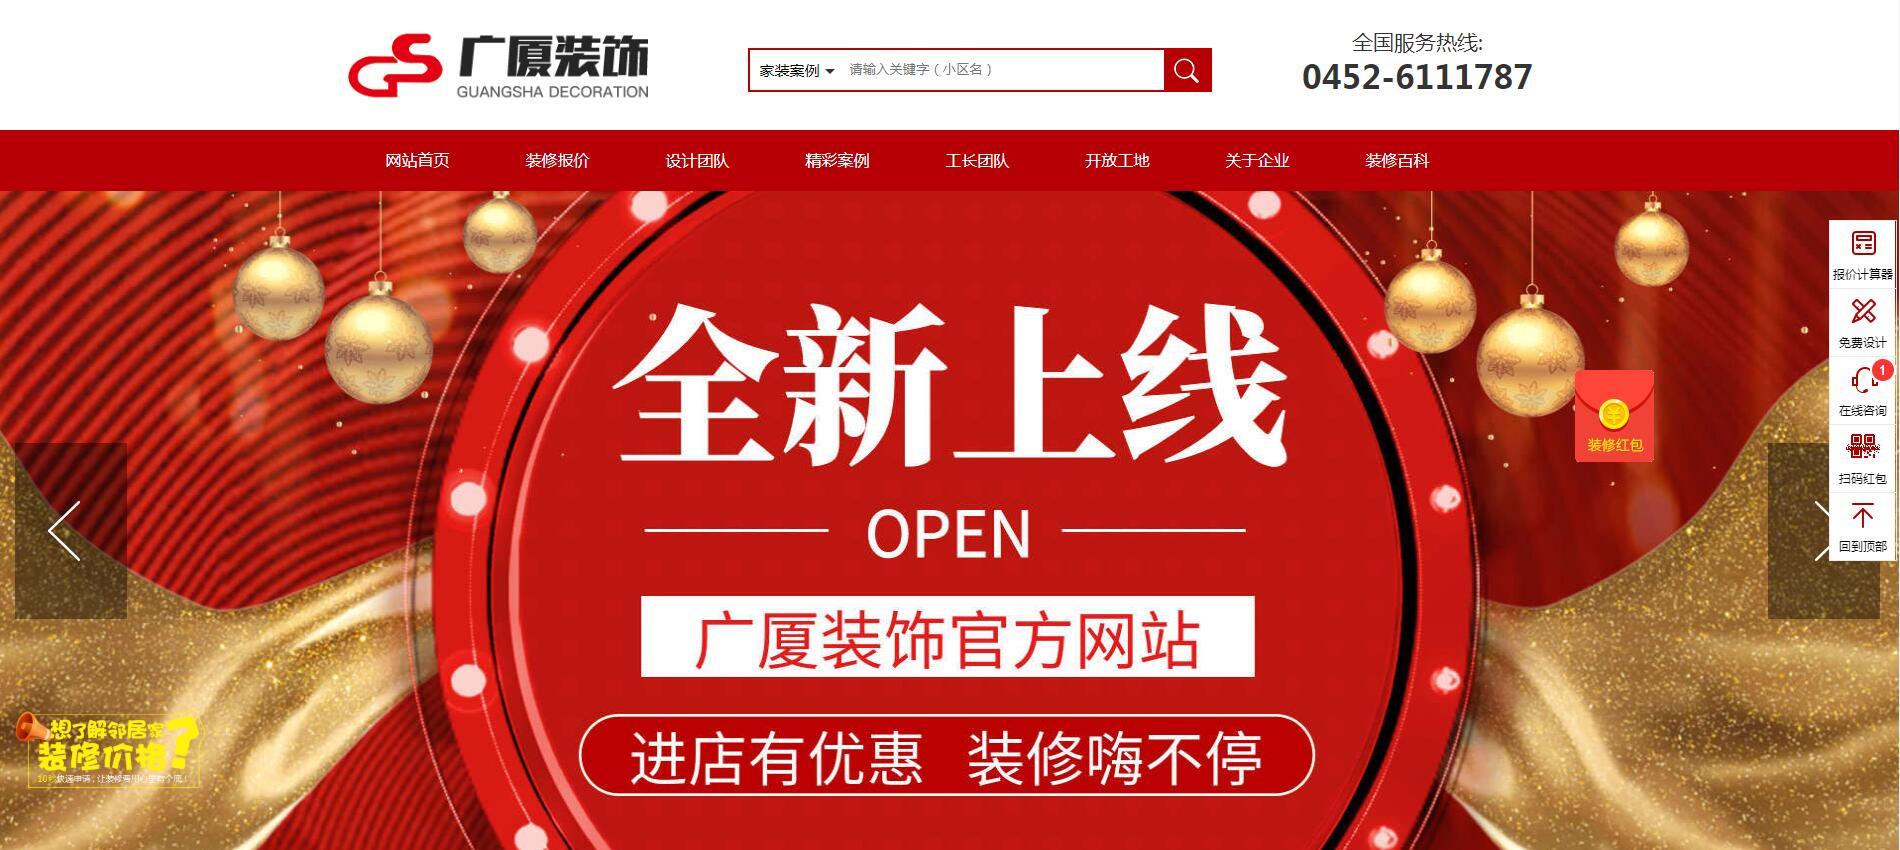 热烈祝贺齐齐哈尔广厦千万装饰2019新版网站上线了!